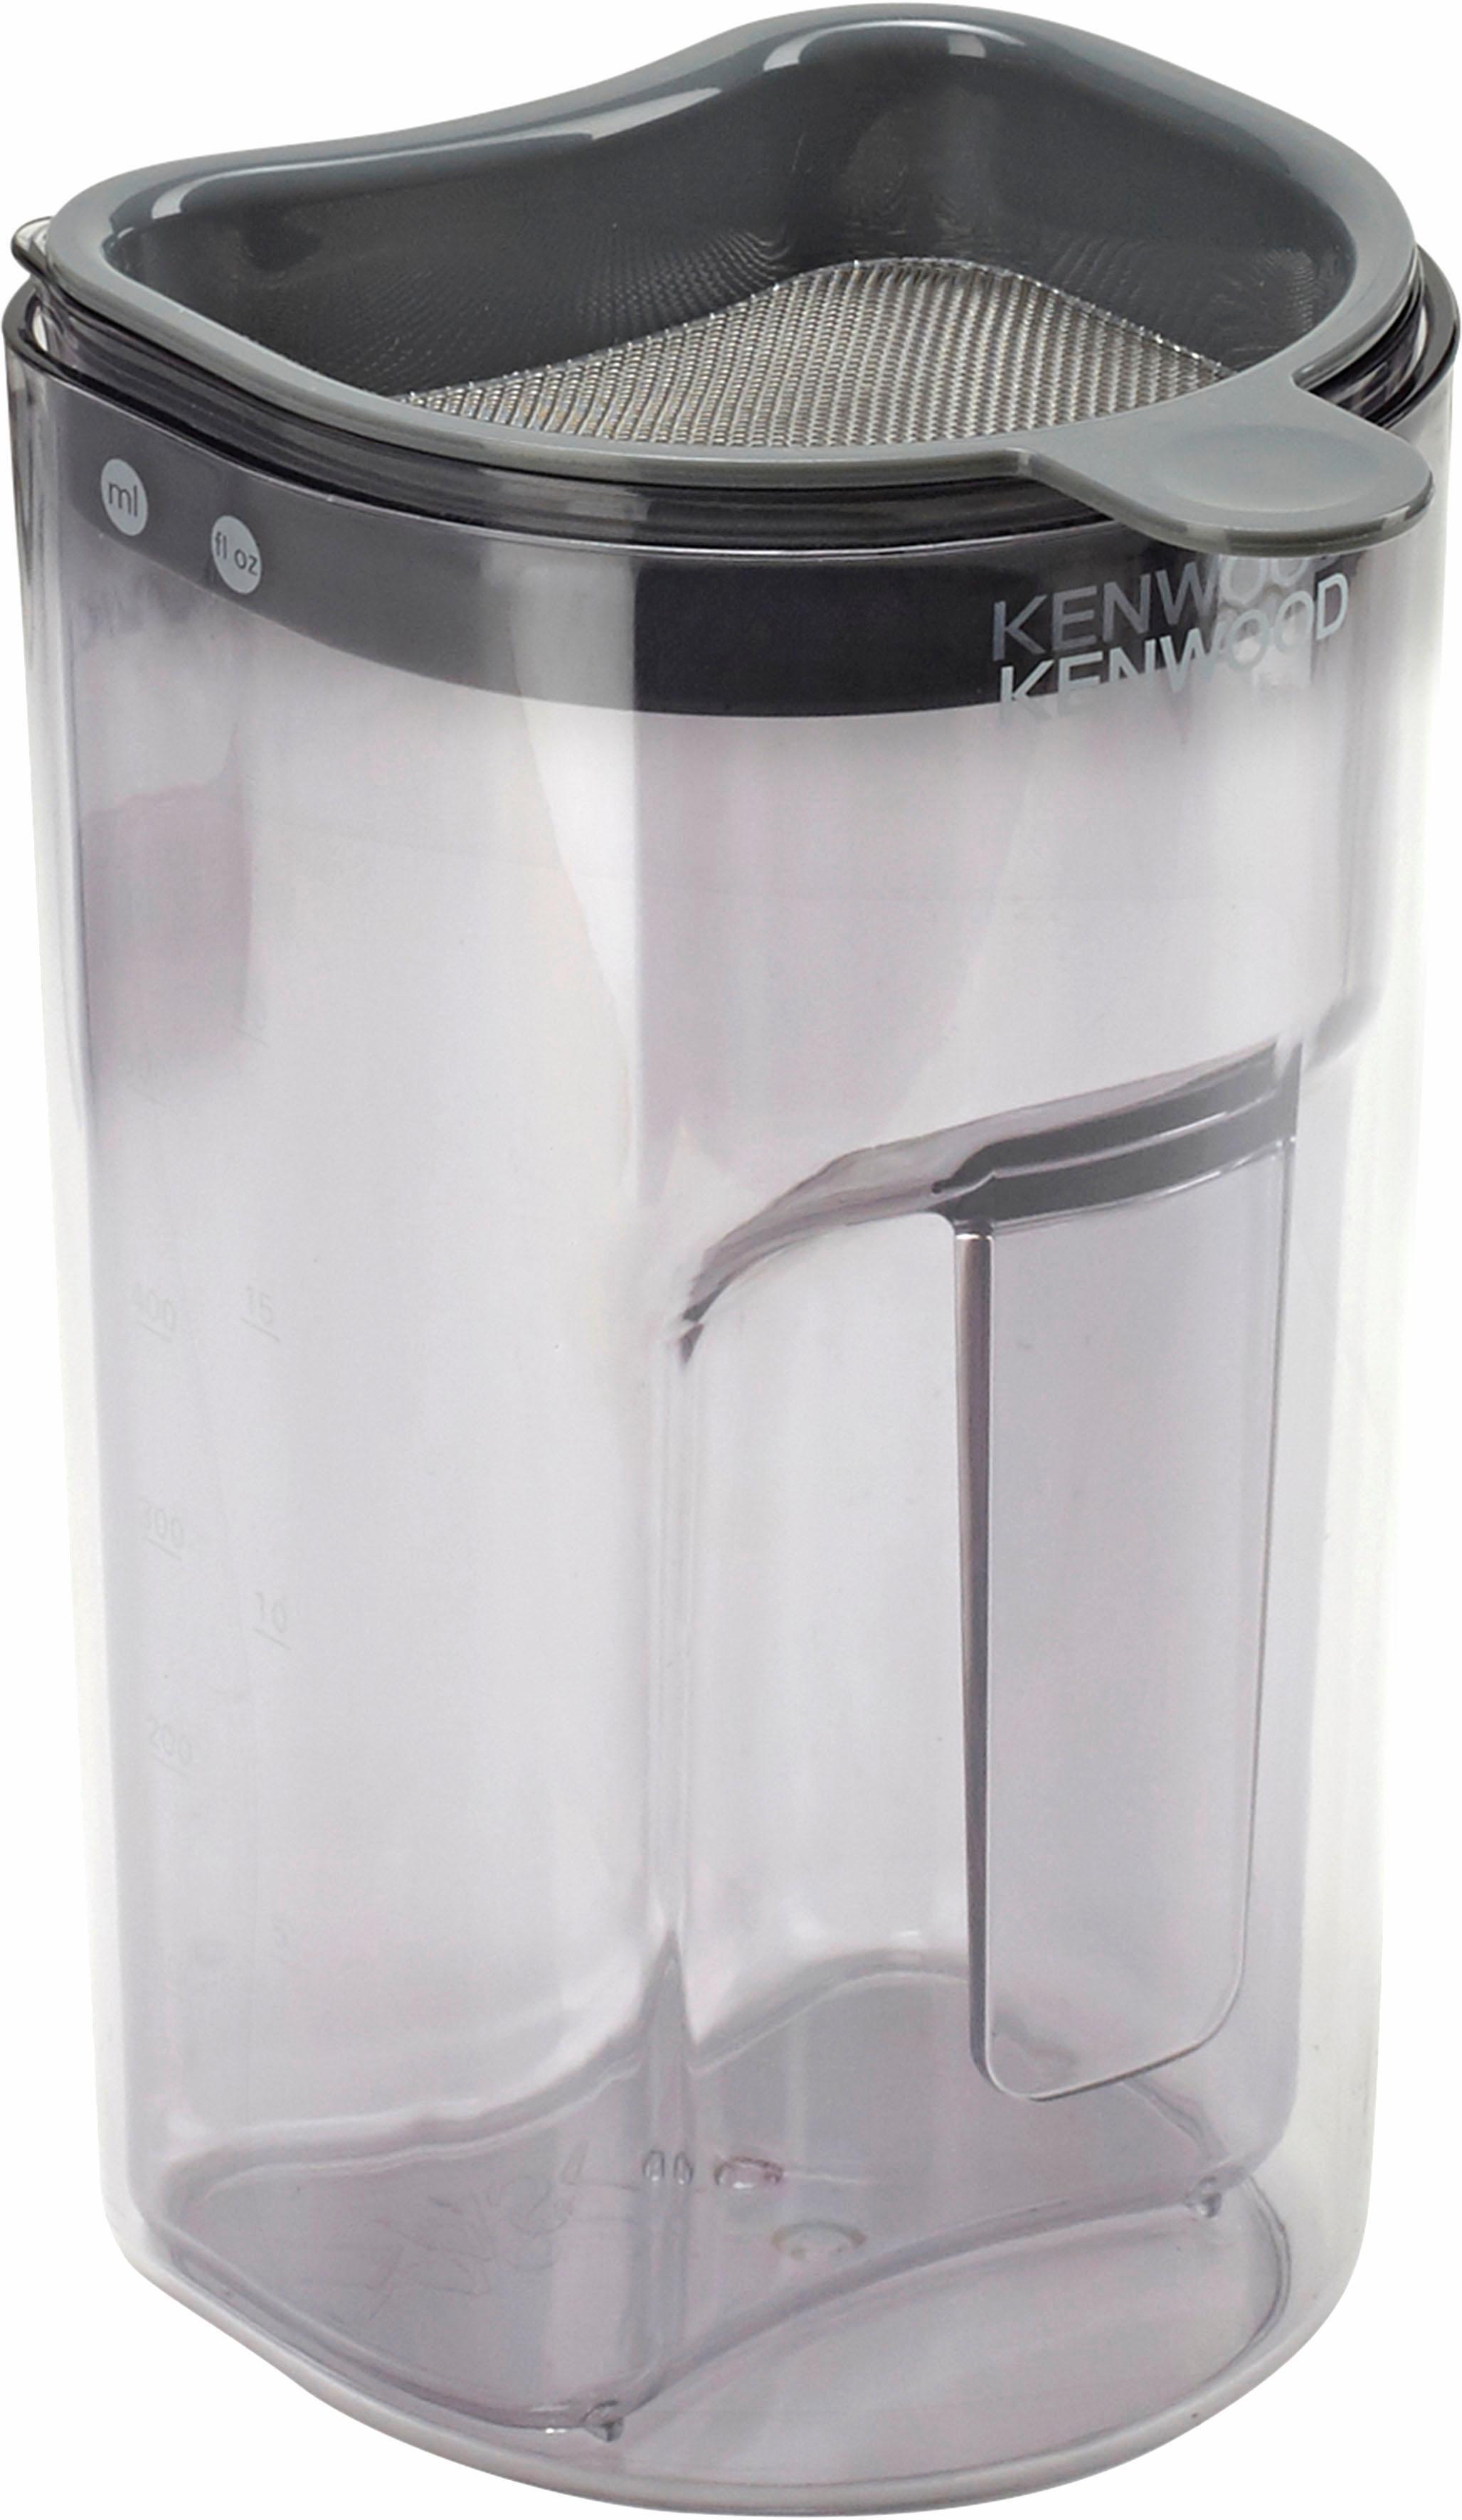 KENWOOD Slow Juicer JMP 600 SI, 150 W in de online winkel OTTO